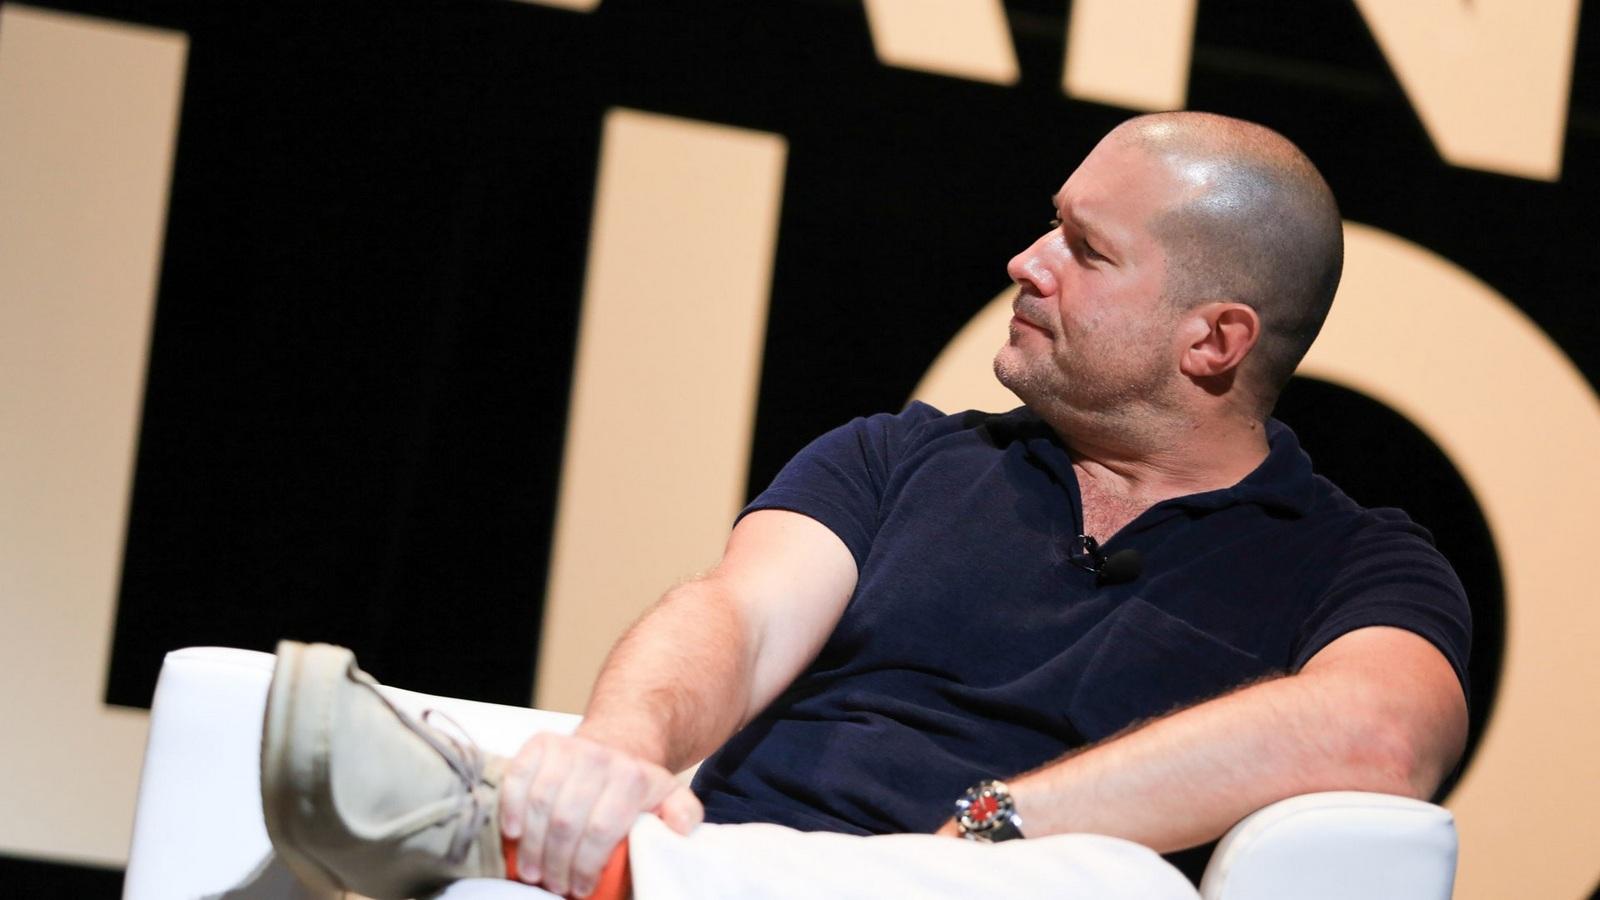 Джони Айв: подборка интересных фактов о главном дизайнере Apple